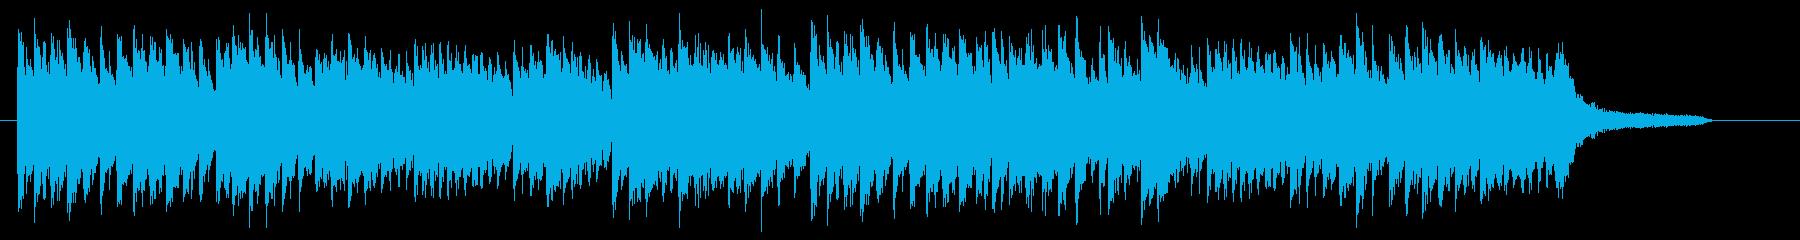 桜・卒業式 優しく切ないピアノジングルAの再生済みの波形